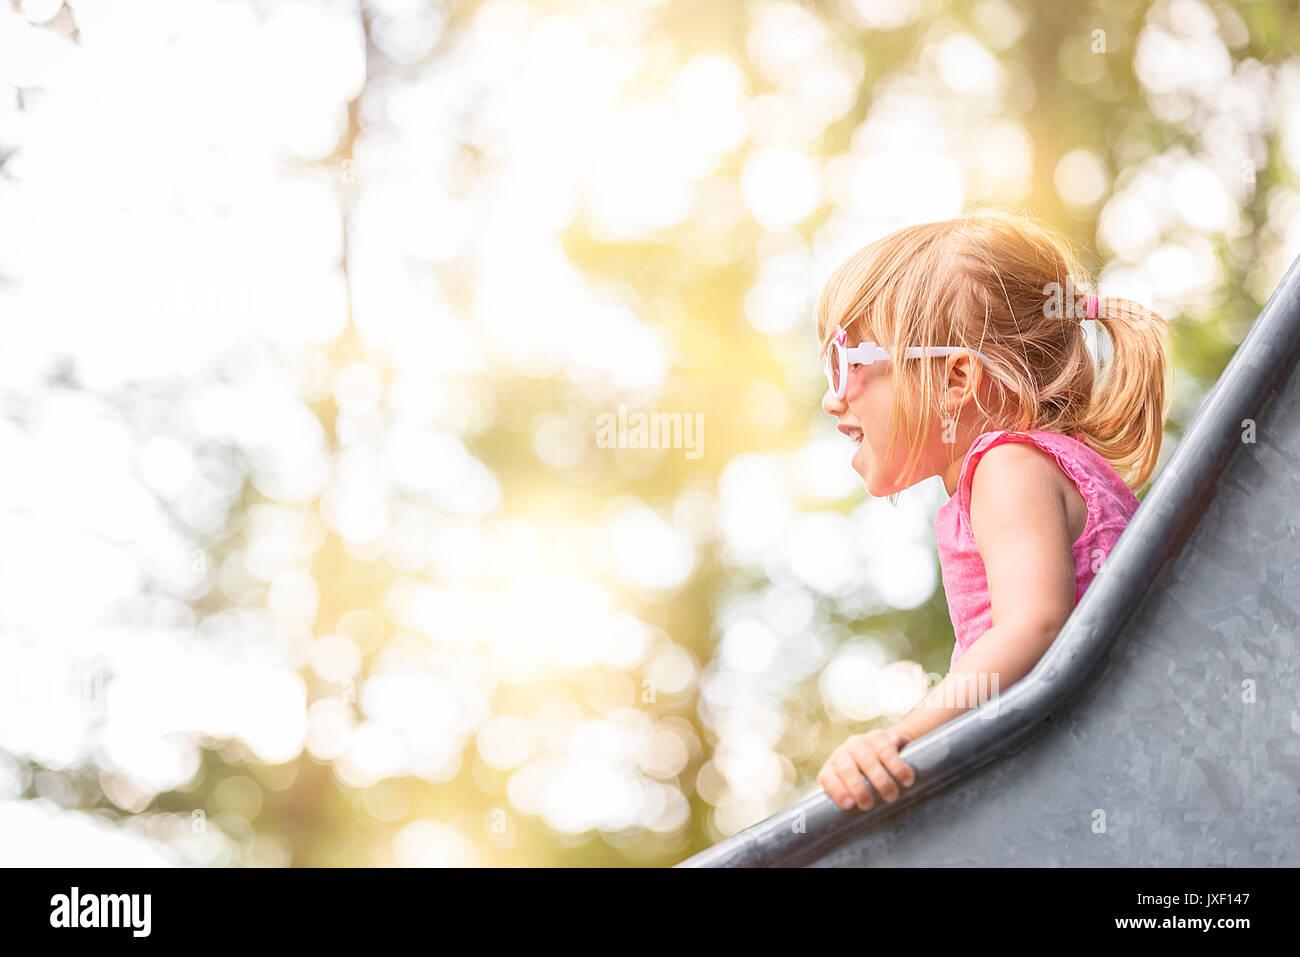 Close-up immagine con una bambina divertirsi su una diapositiva da un parco giochi in una giornata di sole. Immagini Stock